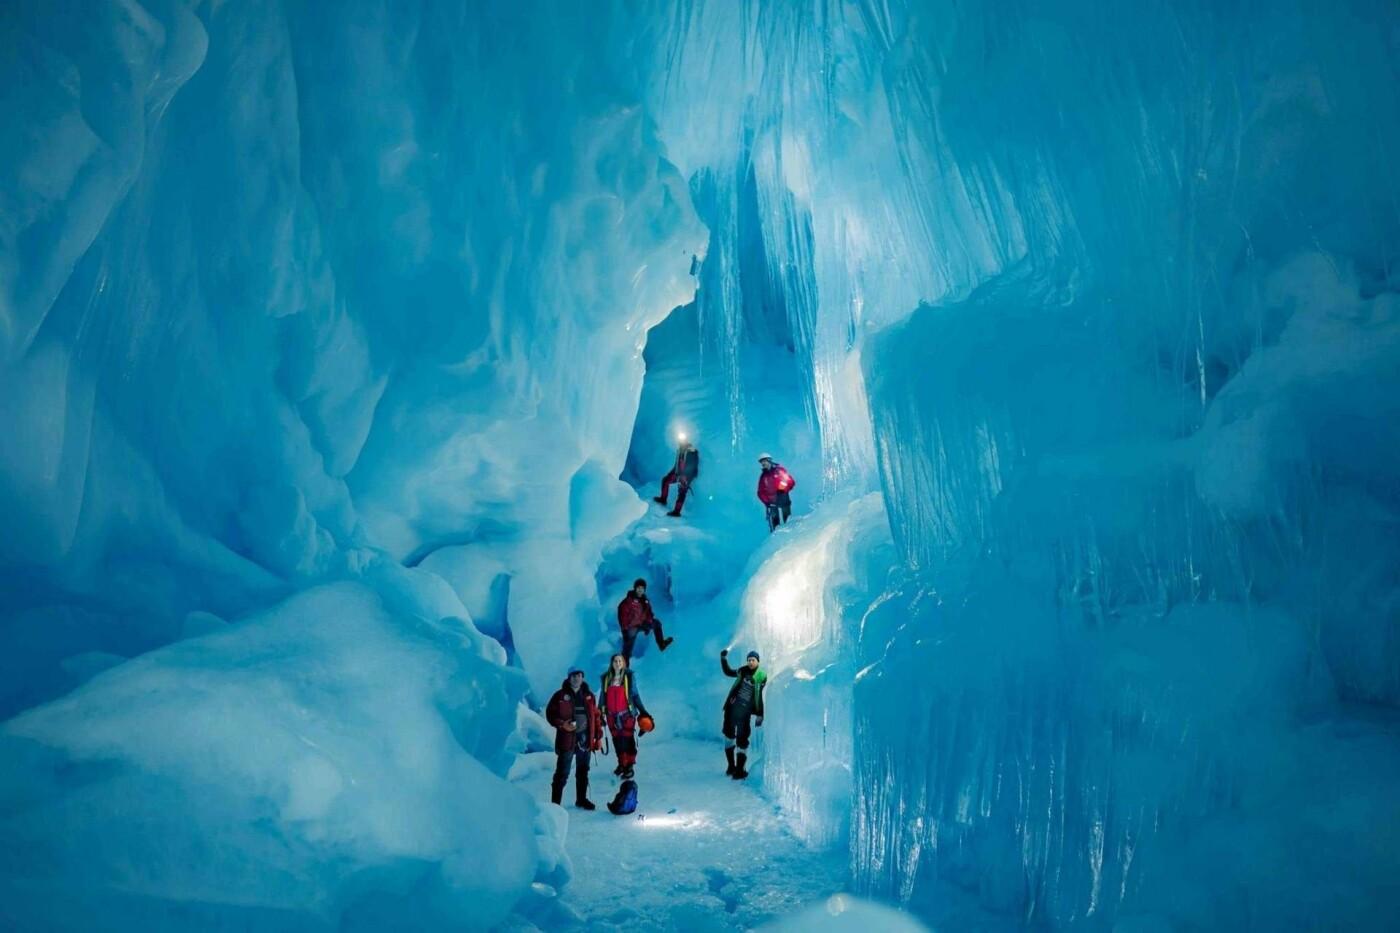 Не любите жару – едьте в Антарктику: днепряне могут устроиться работать полярниками, фото-1